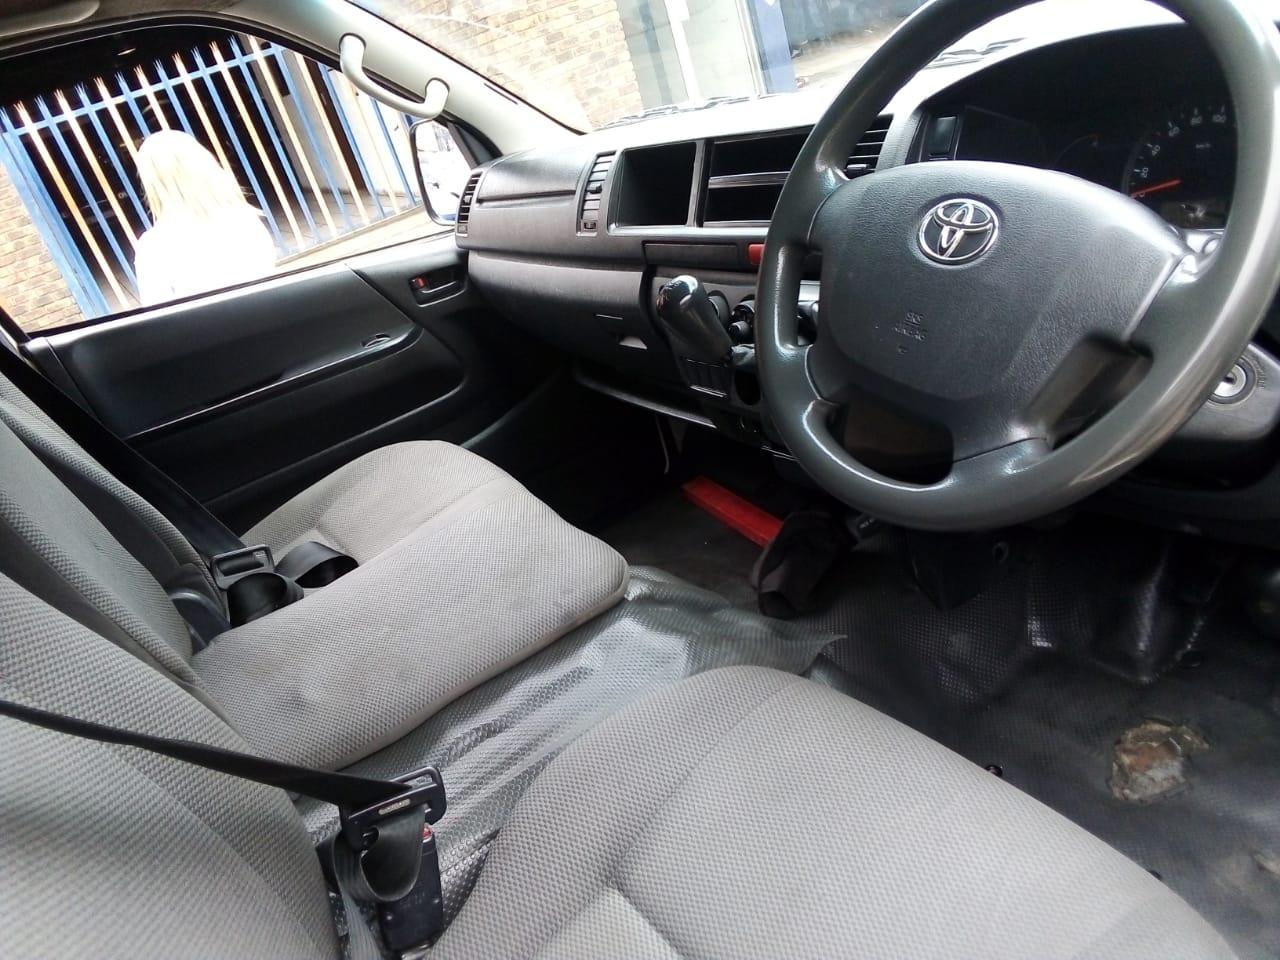 2016 Toyota Quantum SLWB panel van QUANTUM 2.8 SLWB F/C P/V